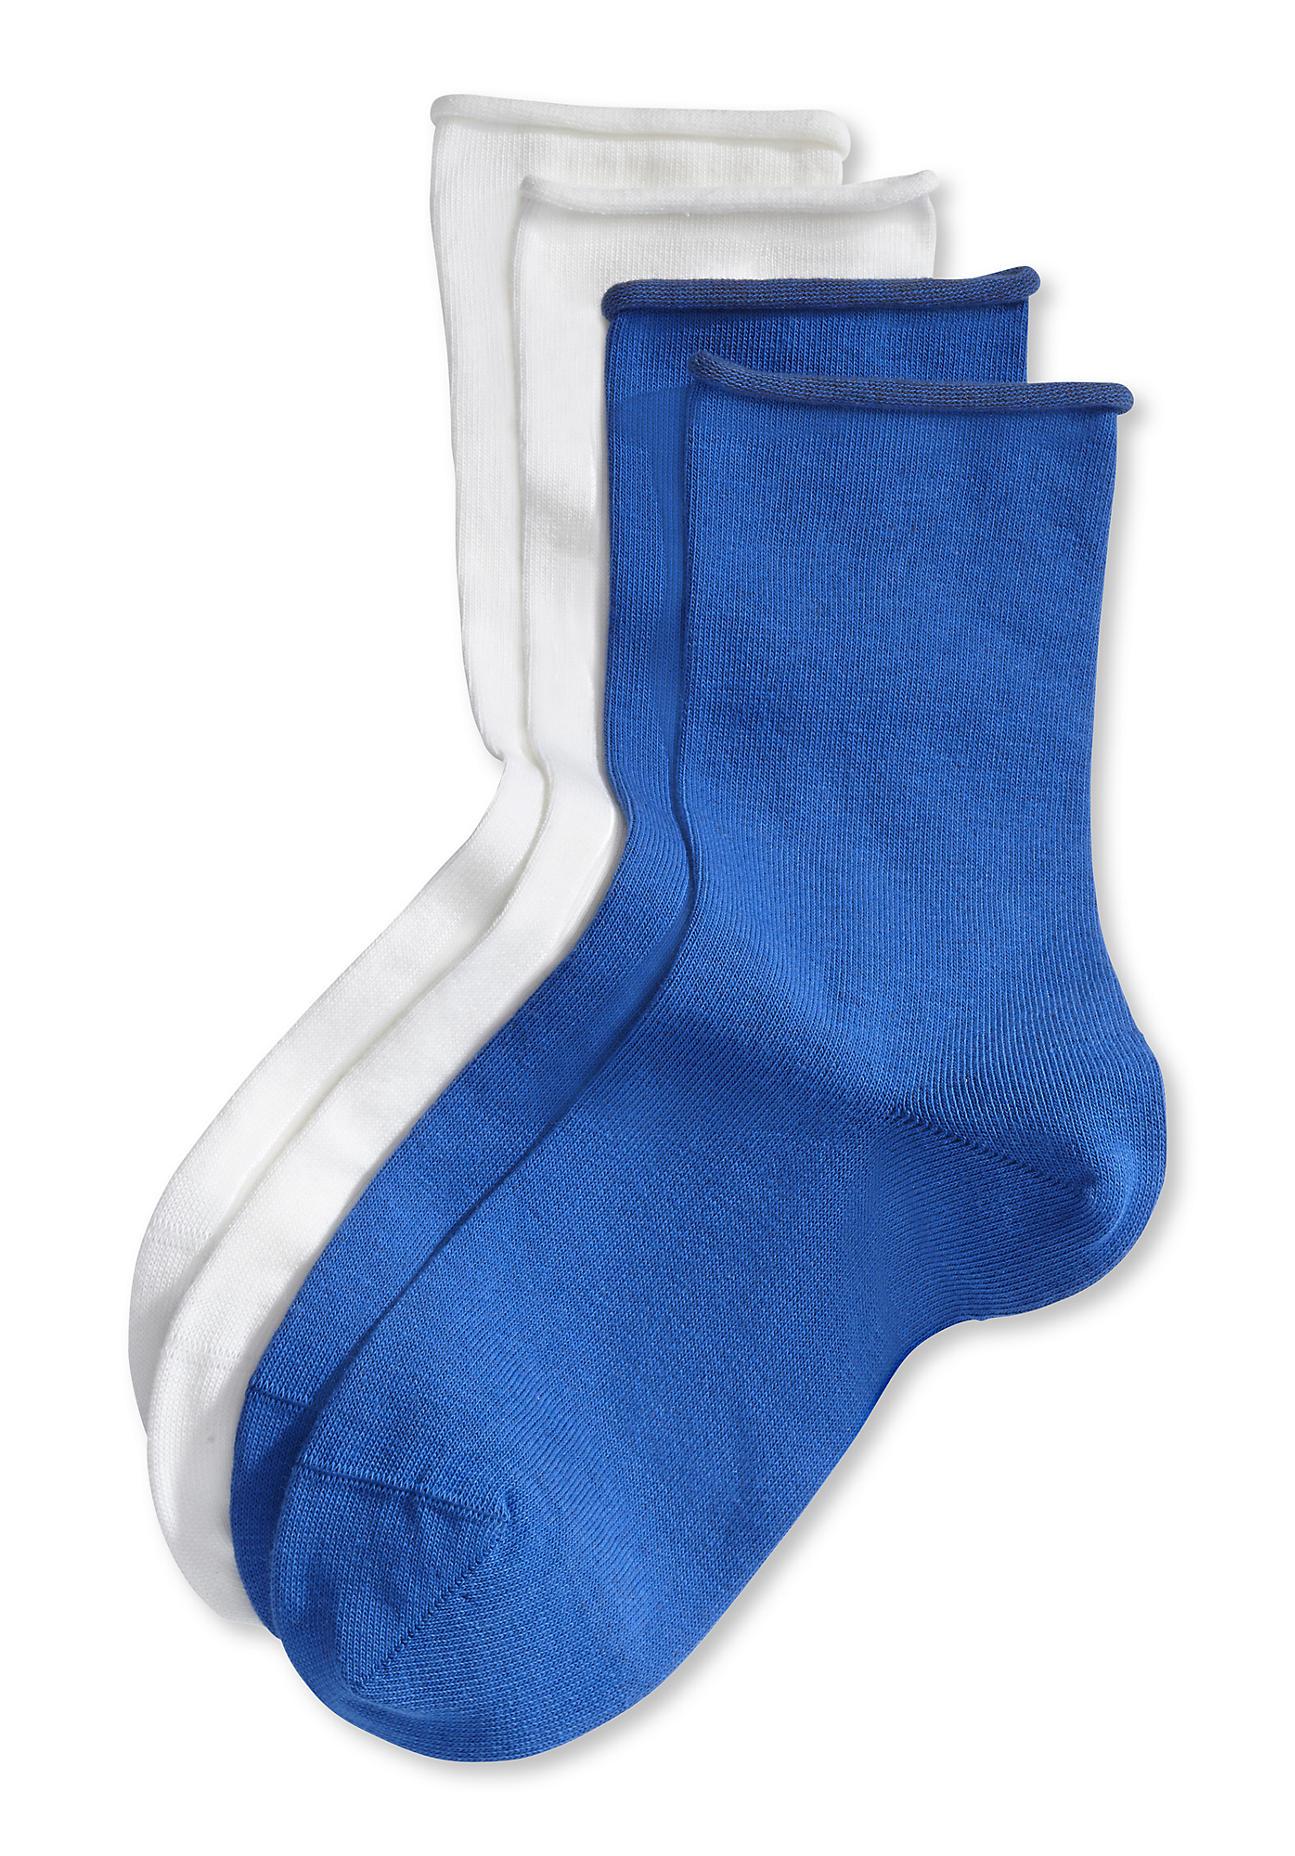 hessnatur Damen Socke im 2er Pack aus Bio Baumwolle – blau – Größe 38 39